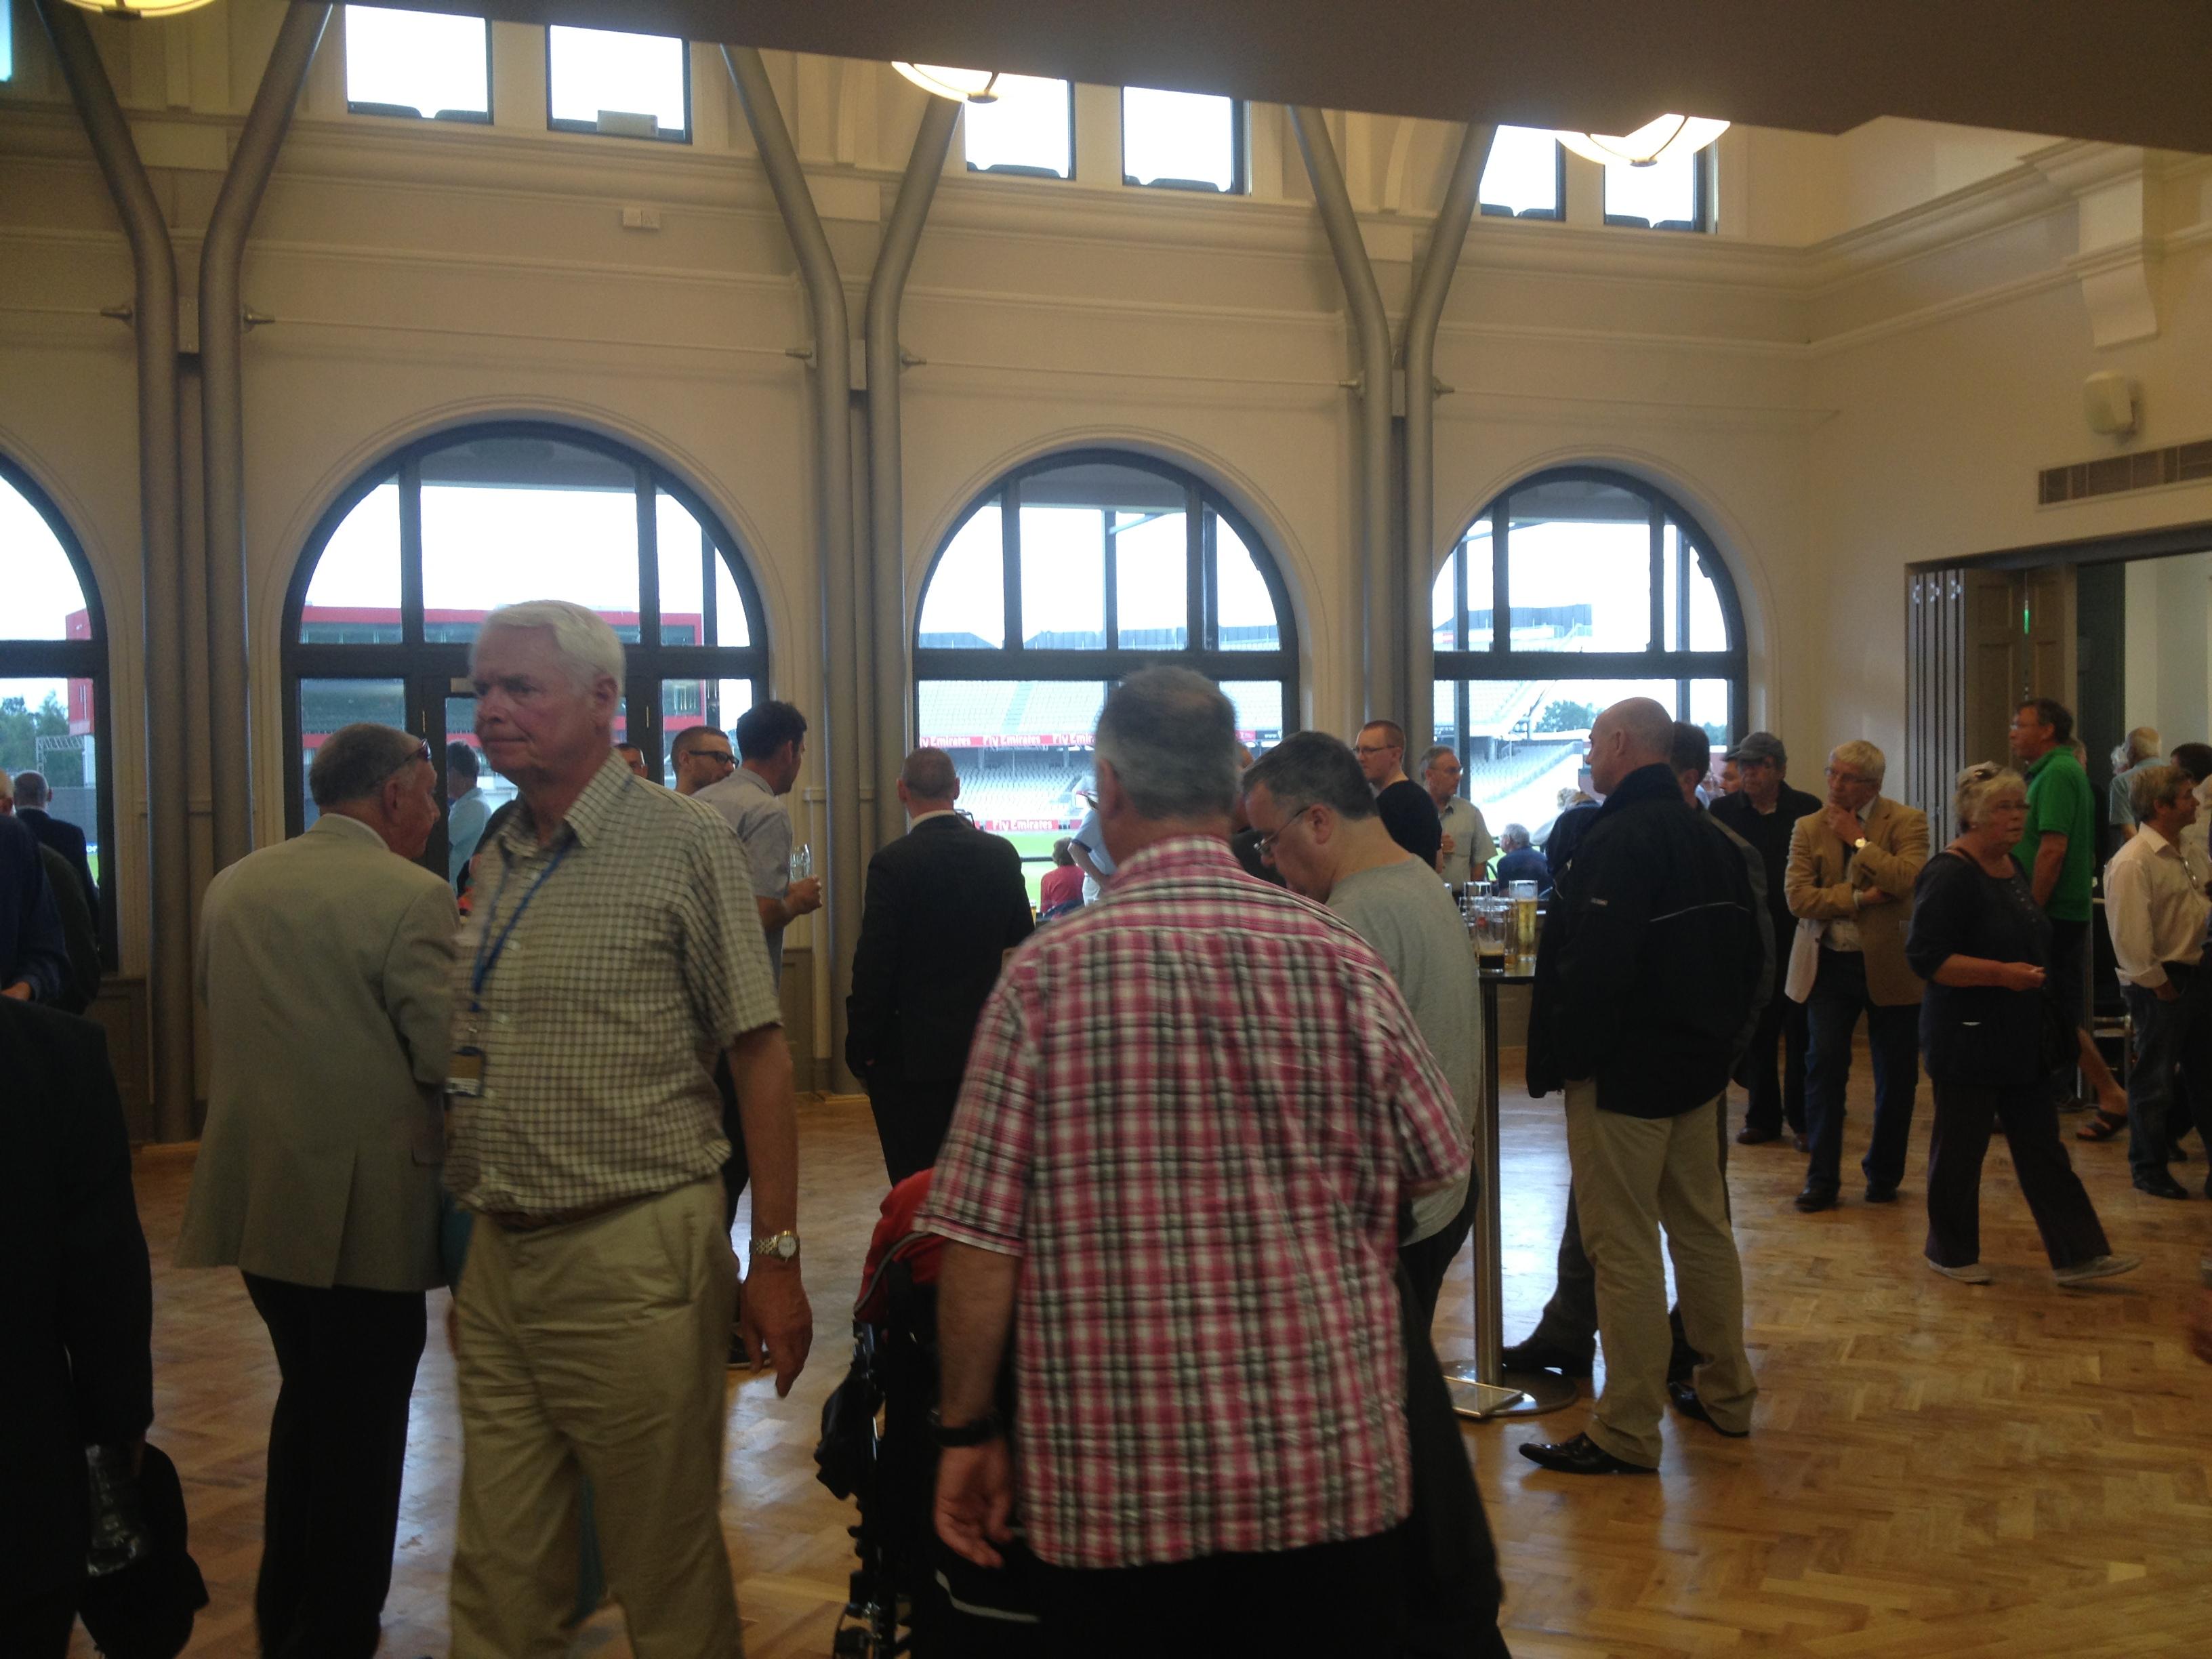 Part conference centre... part railway waiting room, the new pavilion lacks soul